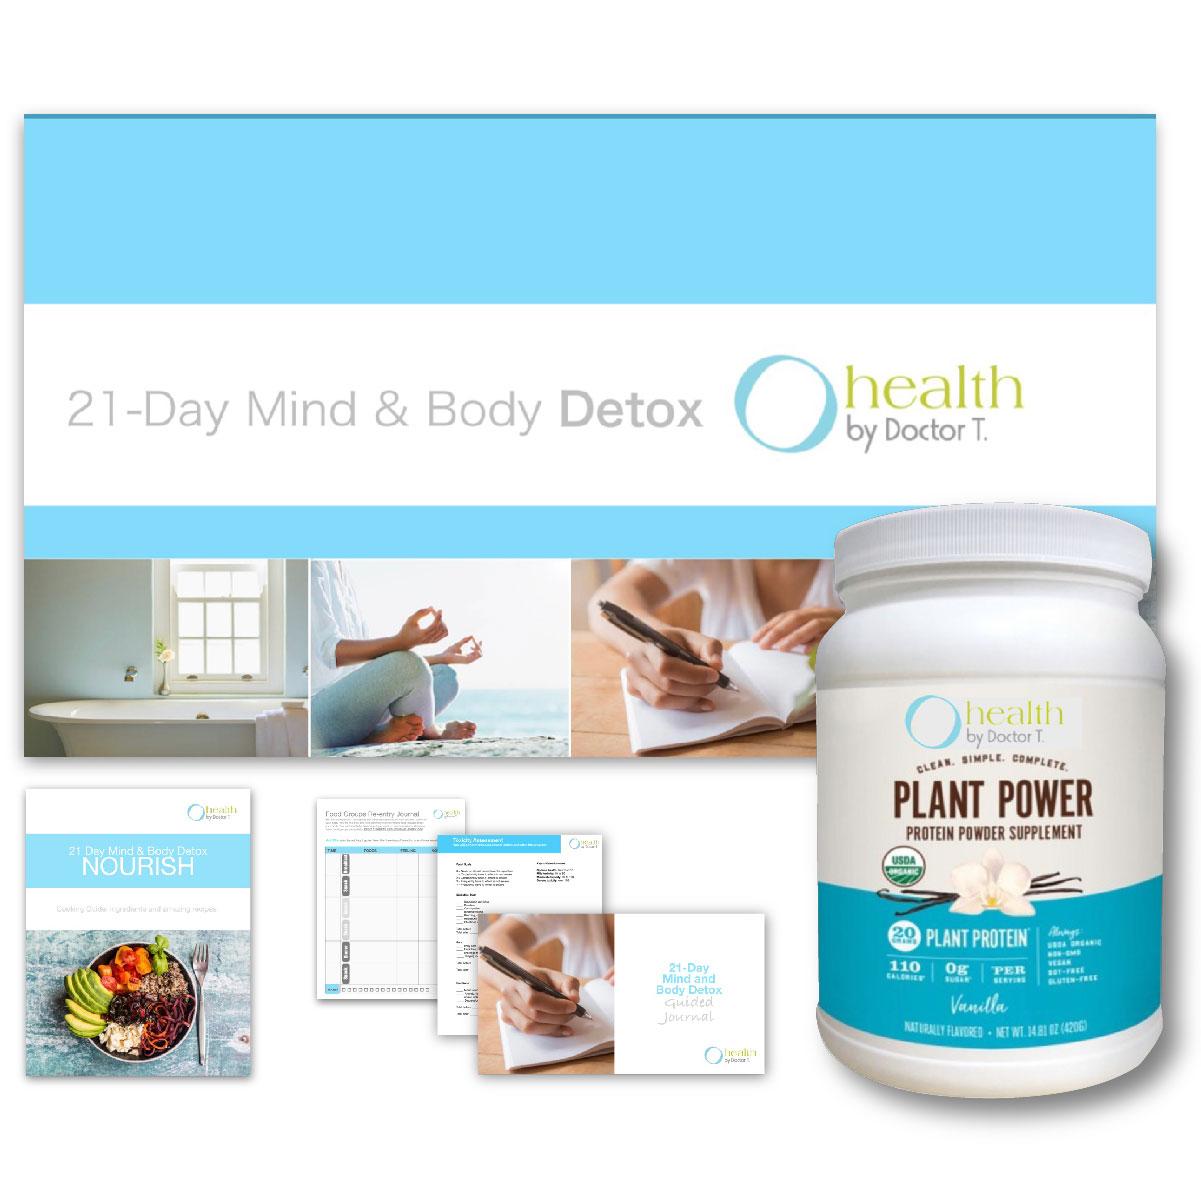 21 Days-program_21-Day Detox